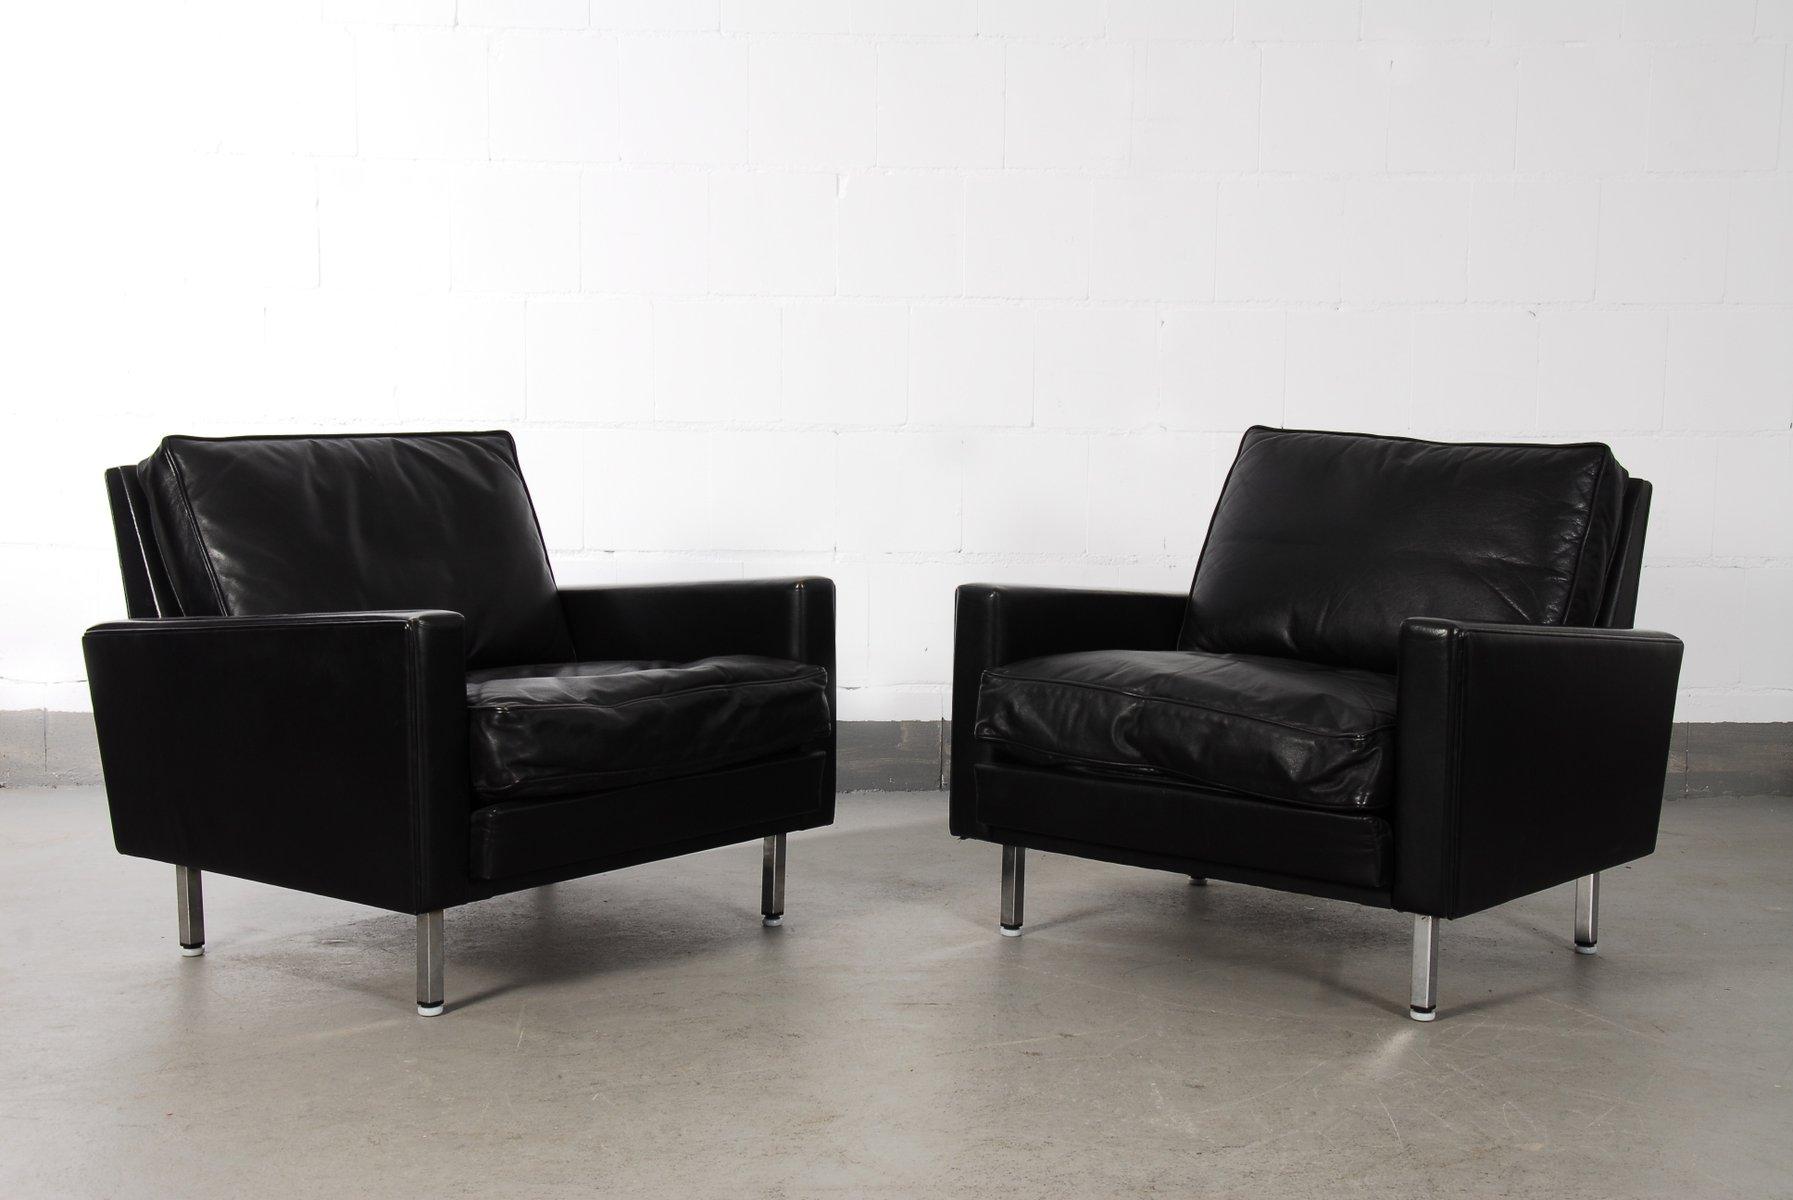 vintage drei sitzer sofa zwei sessel von george nelson f r herman miller bei pamono kaufen. Black Bedroom Furniture Sets. Home Design Ideas